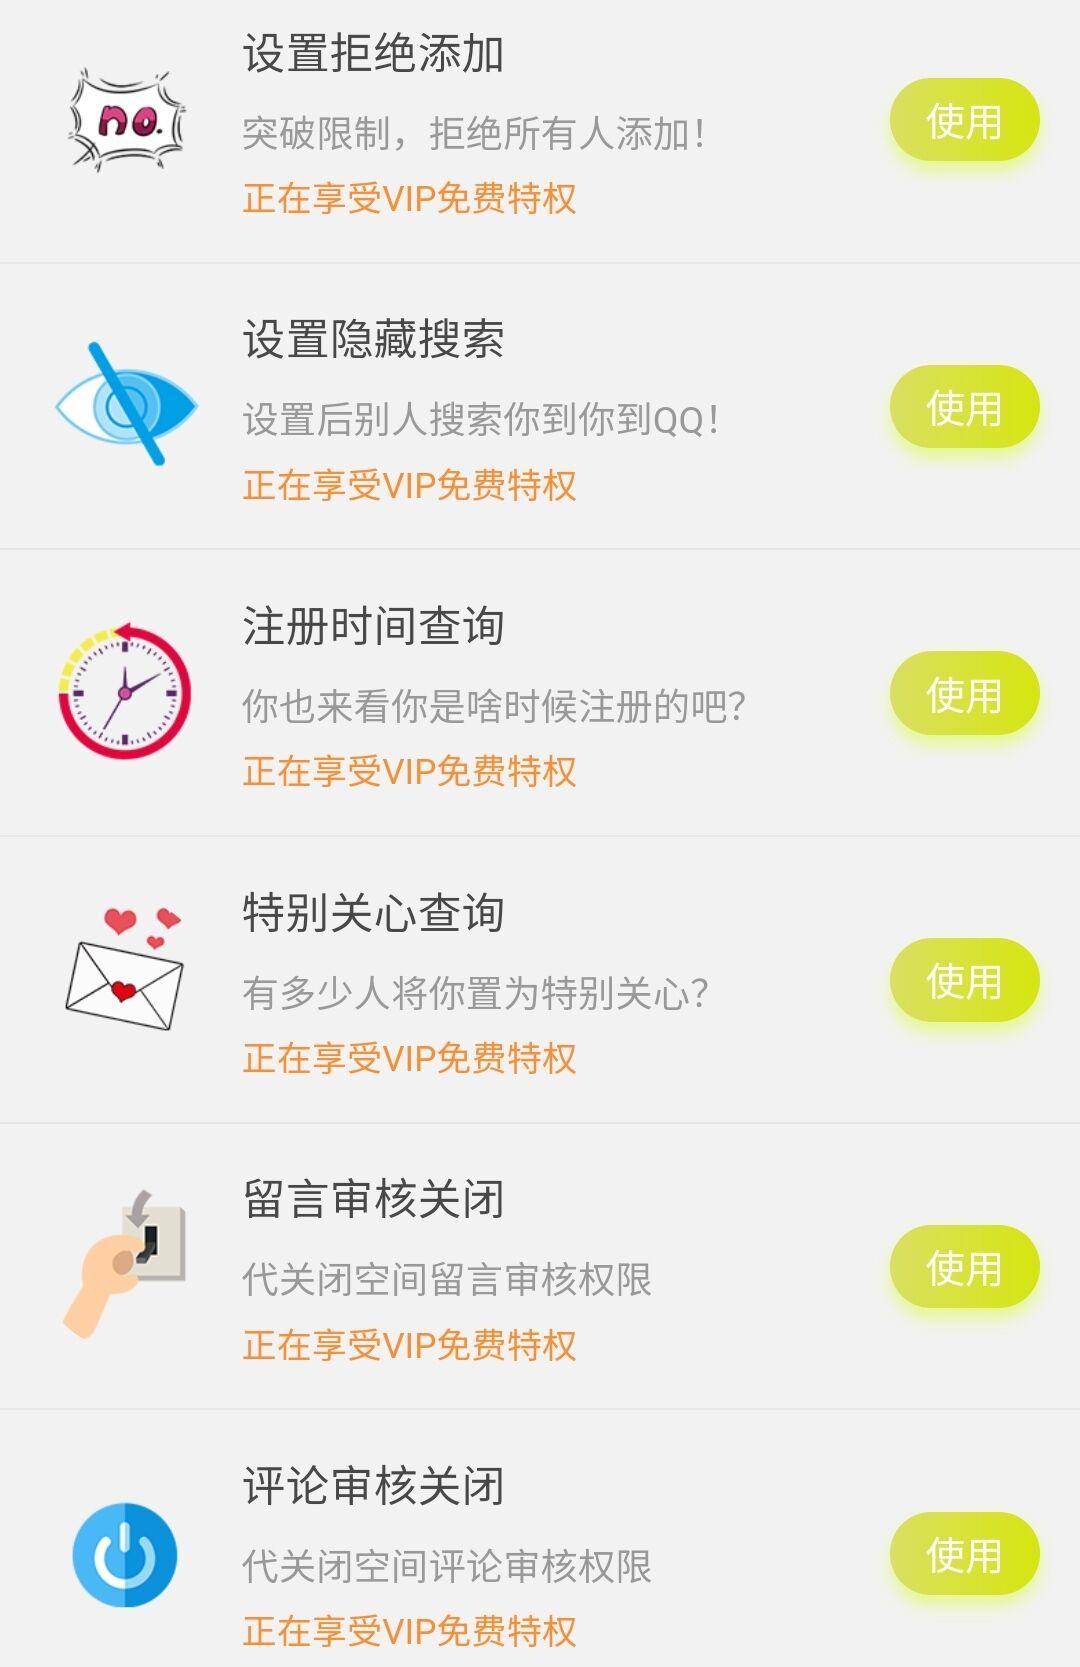 【白嫖】QQ用户福音!内含QQ一键签到,秒可破百名片赞!